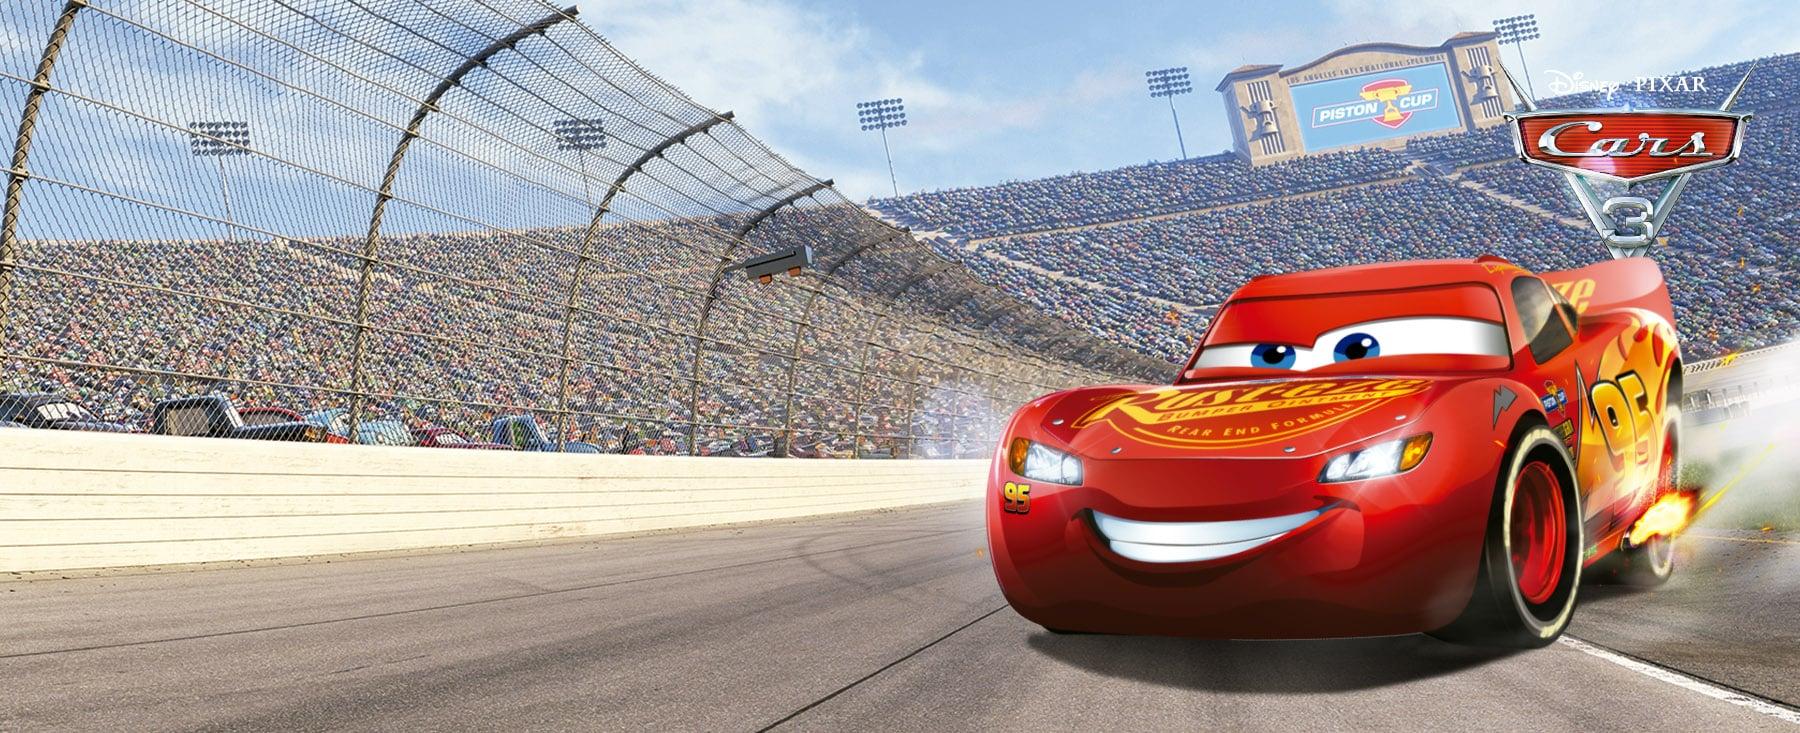 Cars 3 - Tembleke - Creativedog Agency